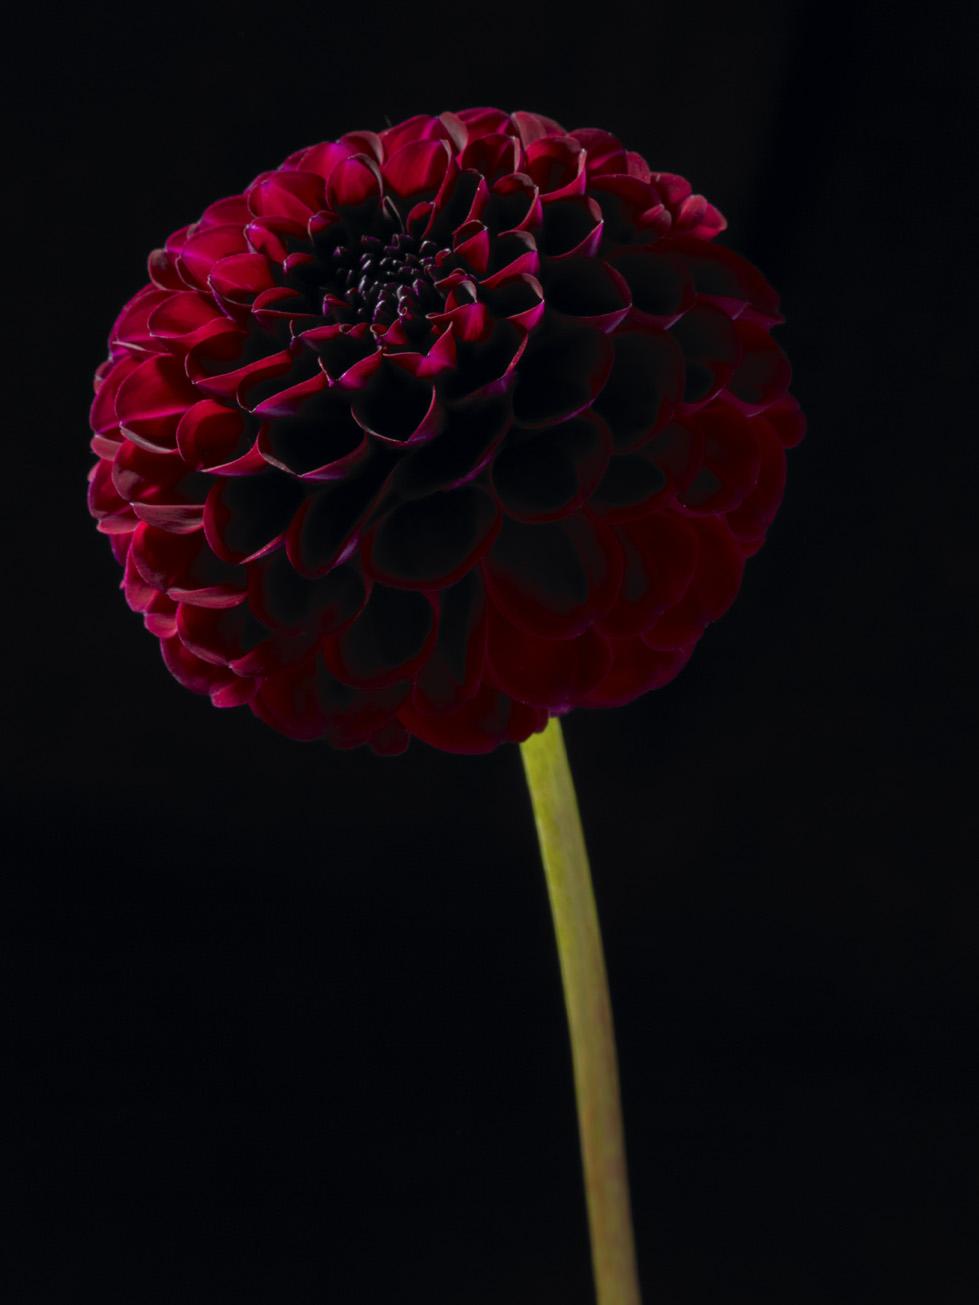 Crimson Pompon dahlia